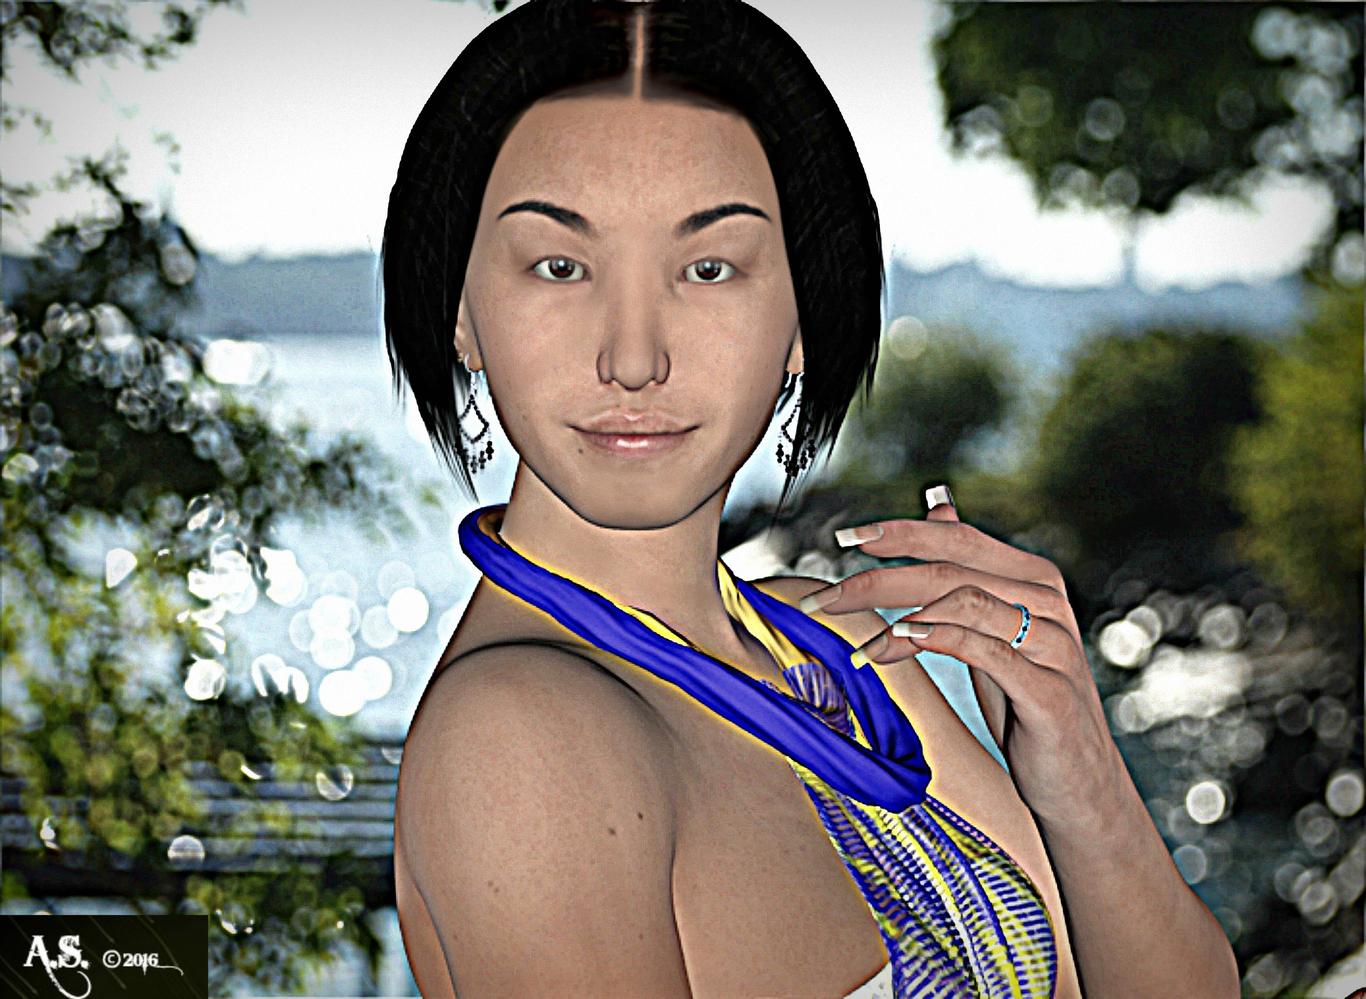 Anena sophia 1 63591607 prxu